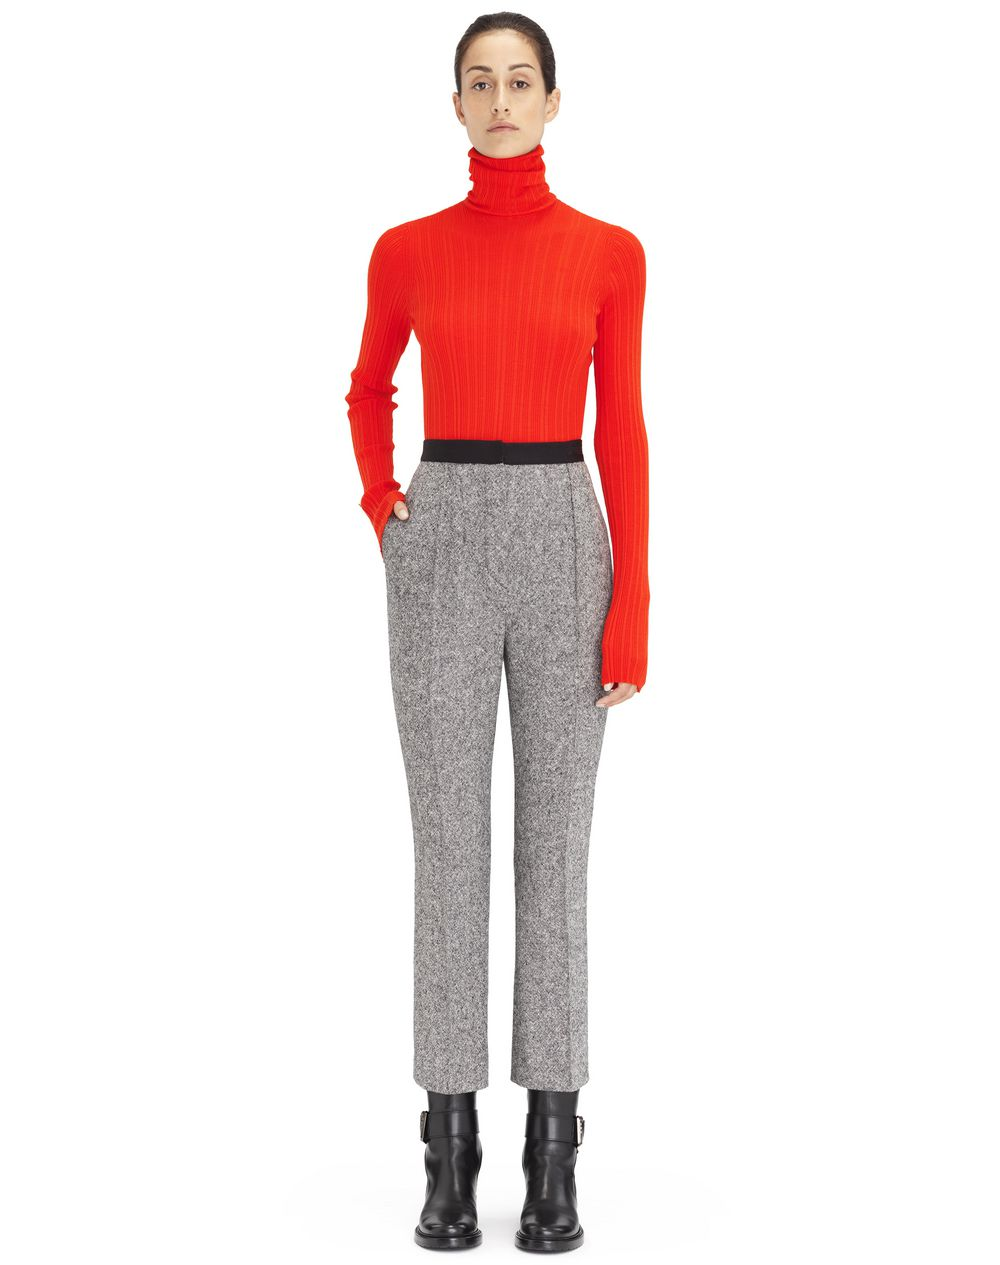 Pantalon en tweed léger gris, taille haute Lanvin – Prix €815